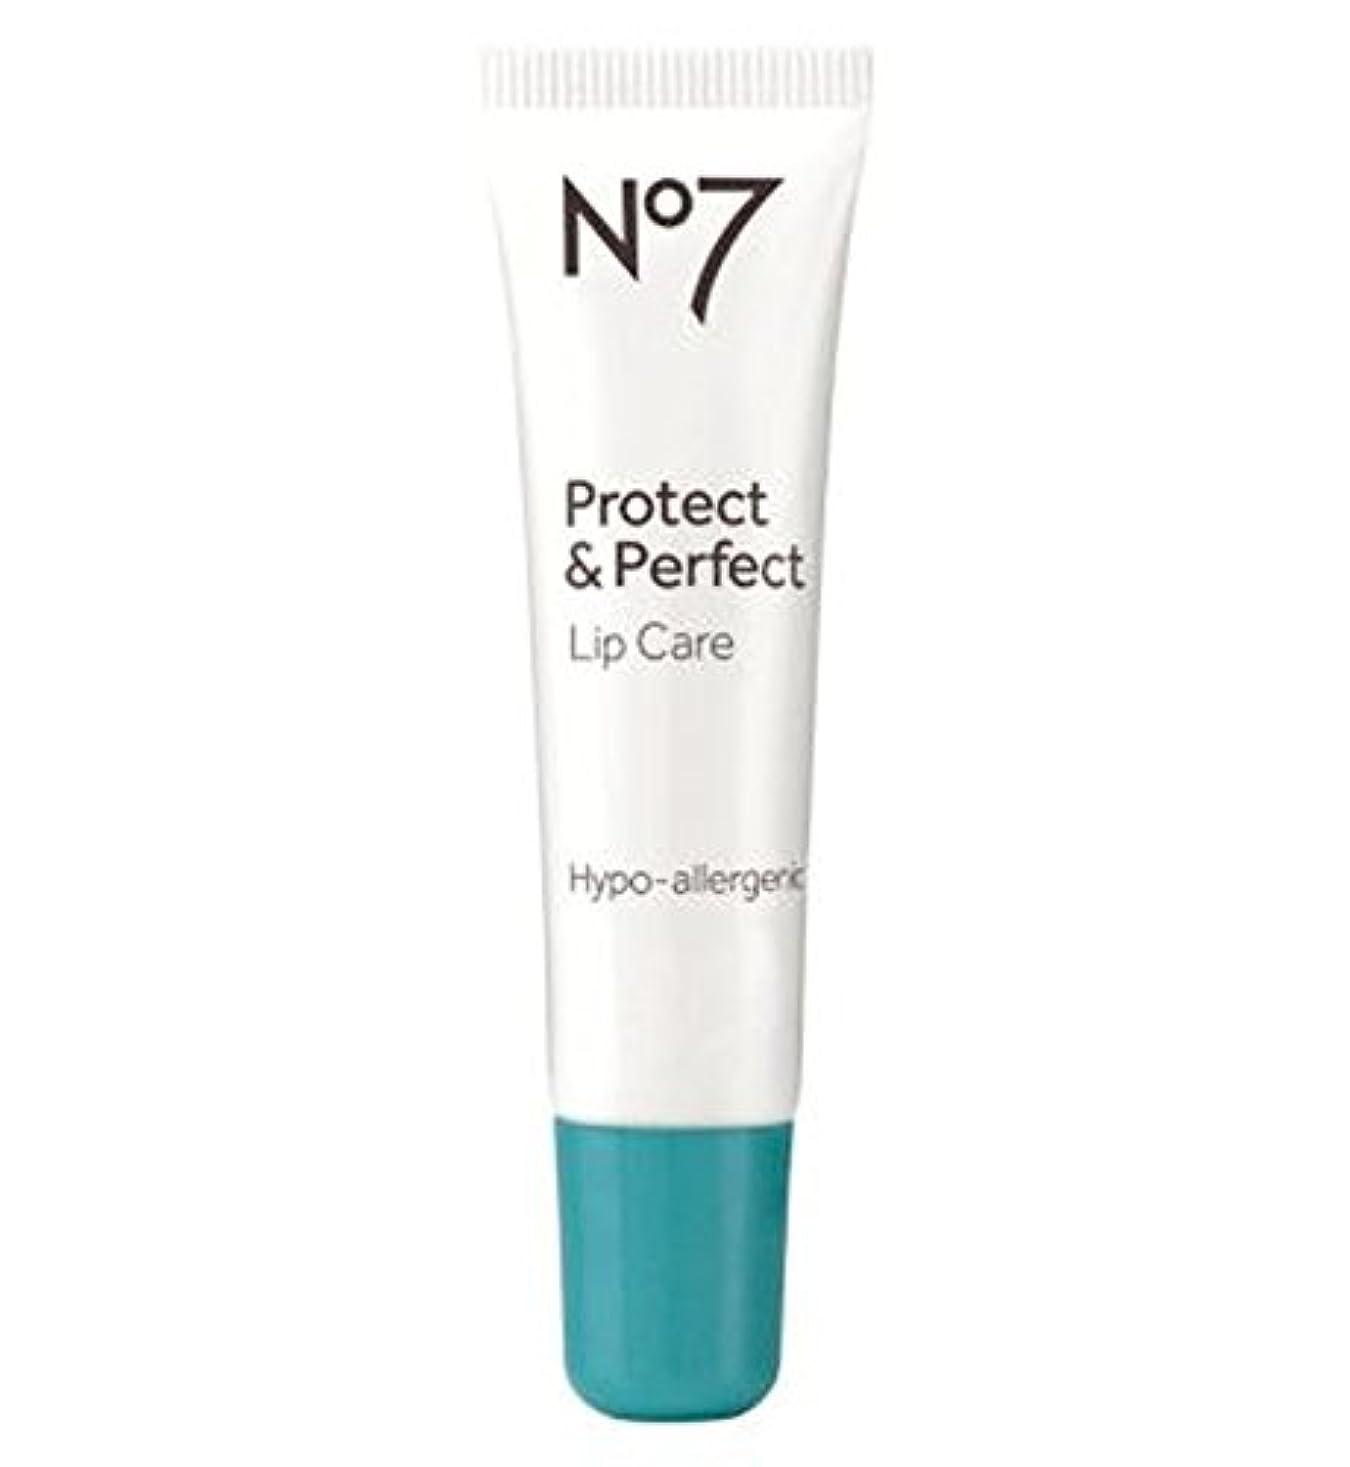 どっちでもオーナメント契約するNo7 Protect & Perfect Lip Care 10ml - No7保護&完璧なリップケア10ミリリットル (No7) [並行輸入品]